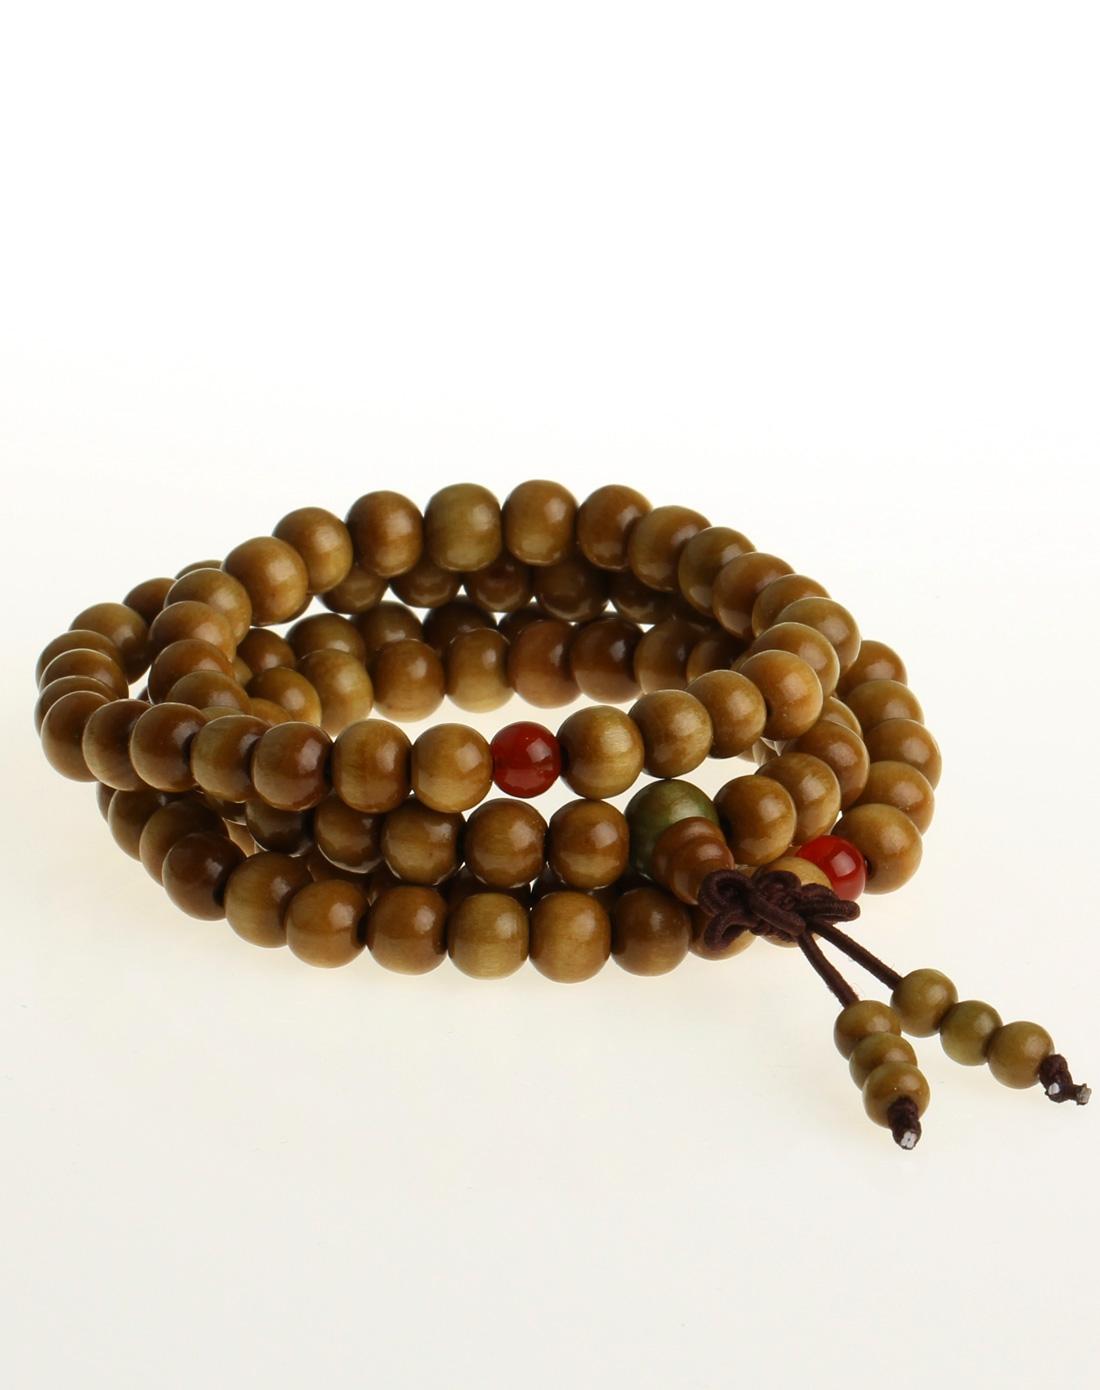 尚檀香木质佛珠手链